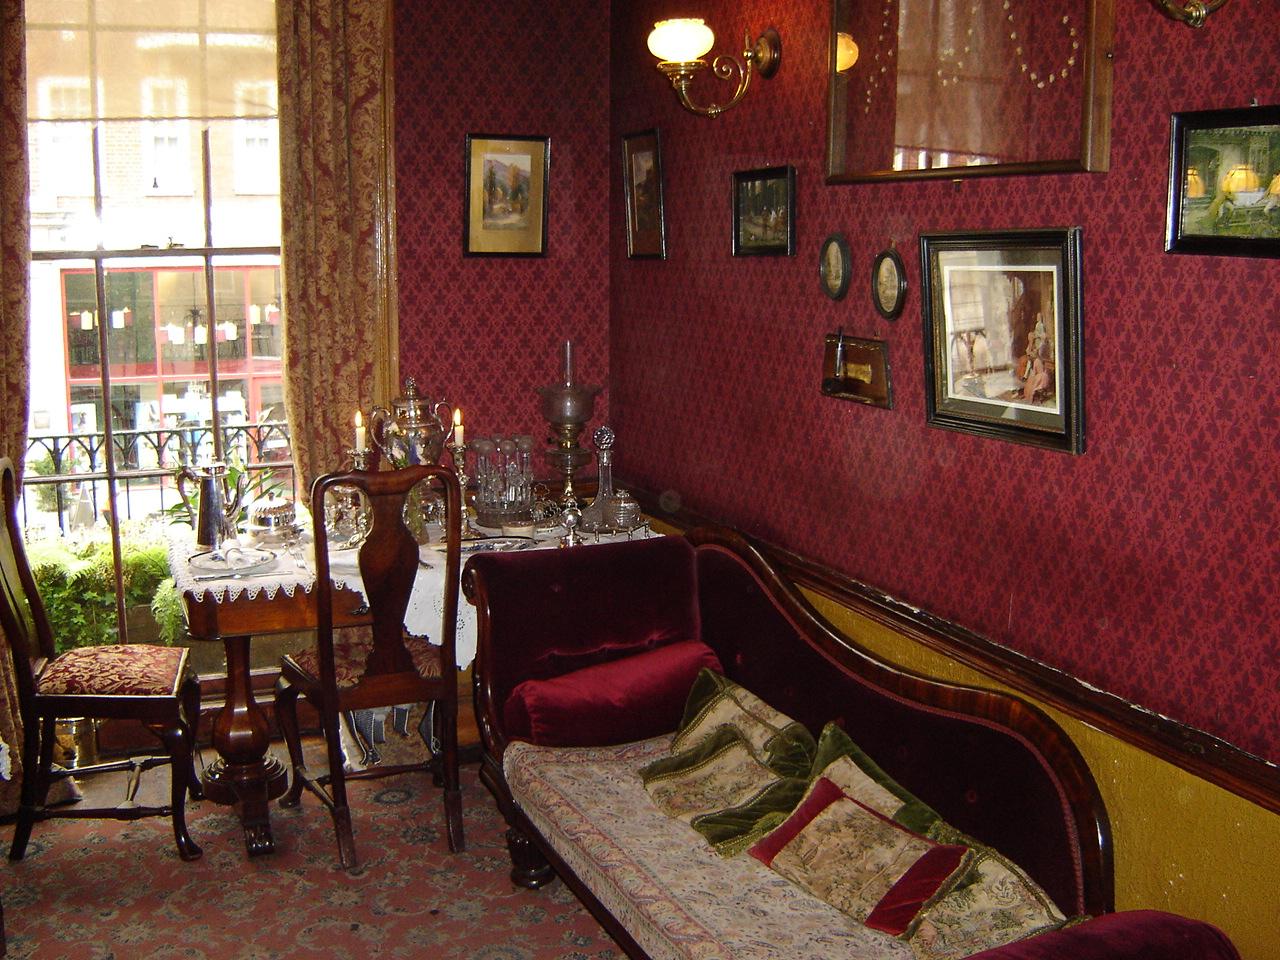 Музей Шерлока Холмса в Лондоне, гостиная на 2 этаже